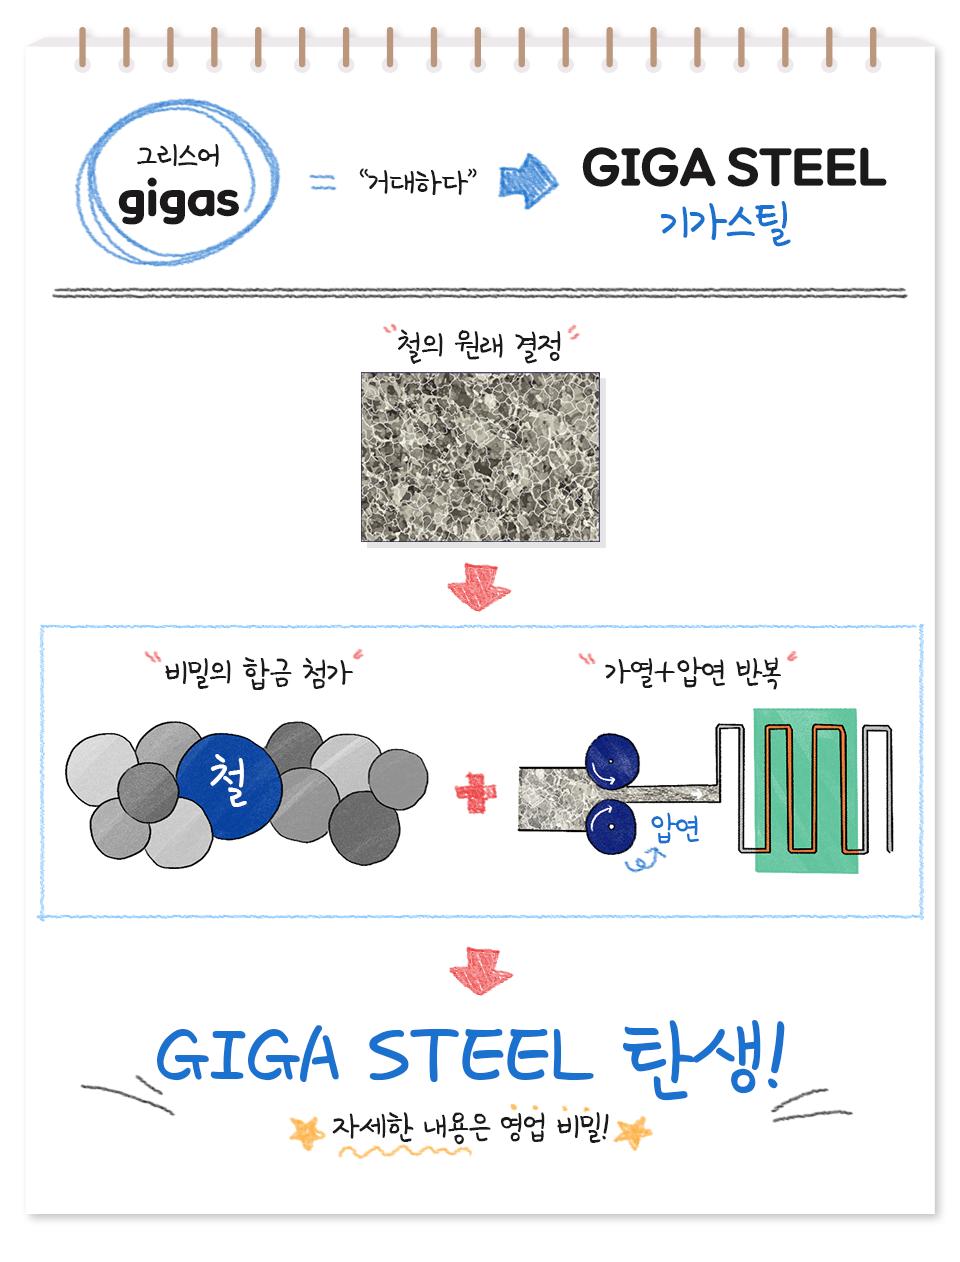 '거대하다'를 뜻하는 그리스어 gigas에서 탄생한 말, GIGA STEEL 기가스틸. 철의 원래 결정에 비밀의 합금을 첨가하고 가열과 압연 작업을 반복. GIGA STEEL 탄생! 자세한 내용은 영업 비밀!